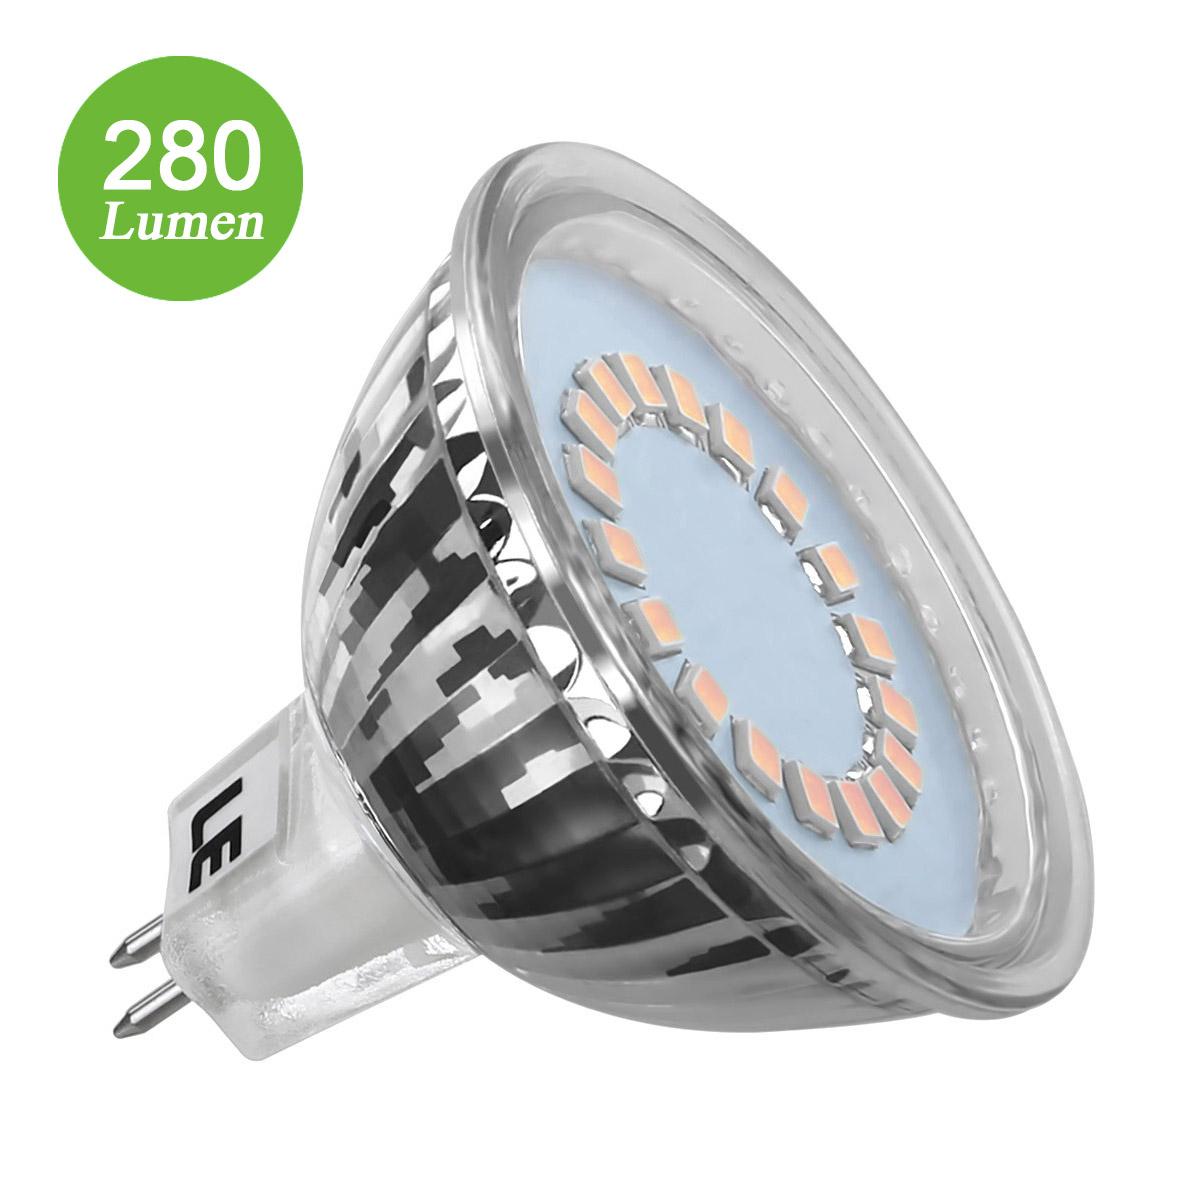 3.5W MR16 GU5.3 Birnen, Entspricht einer 35W Halogenlampen, Nur 12V DC, 280lm, 120 ° Abstrahlwinkel, Warmweiß